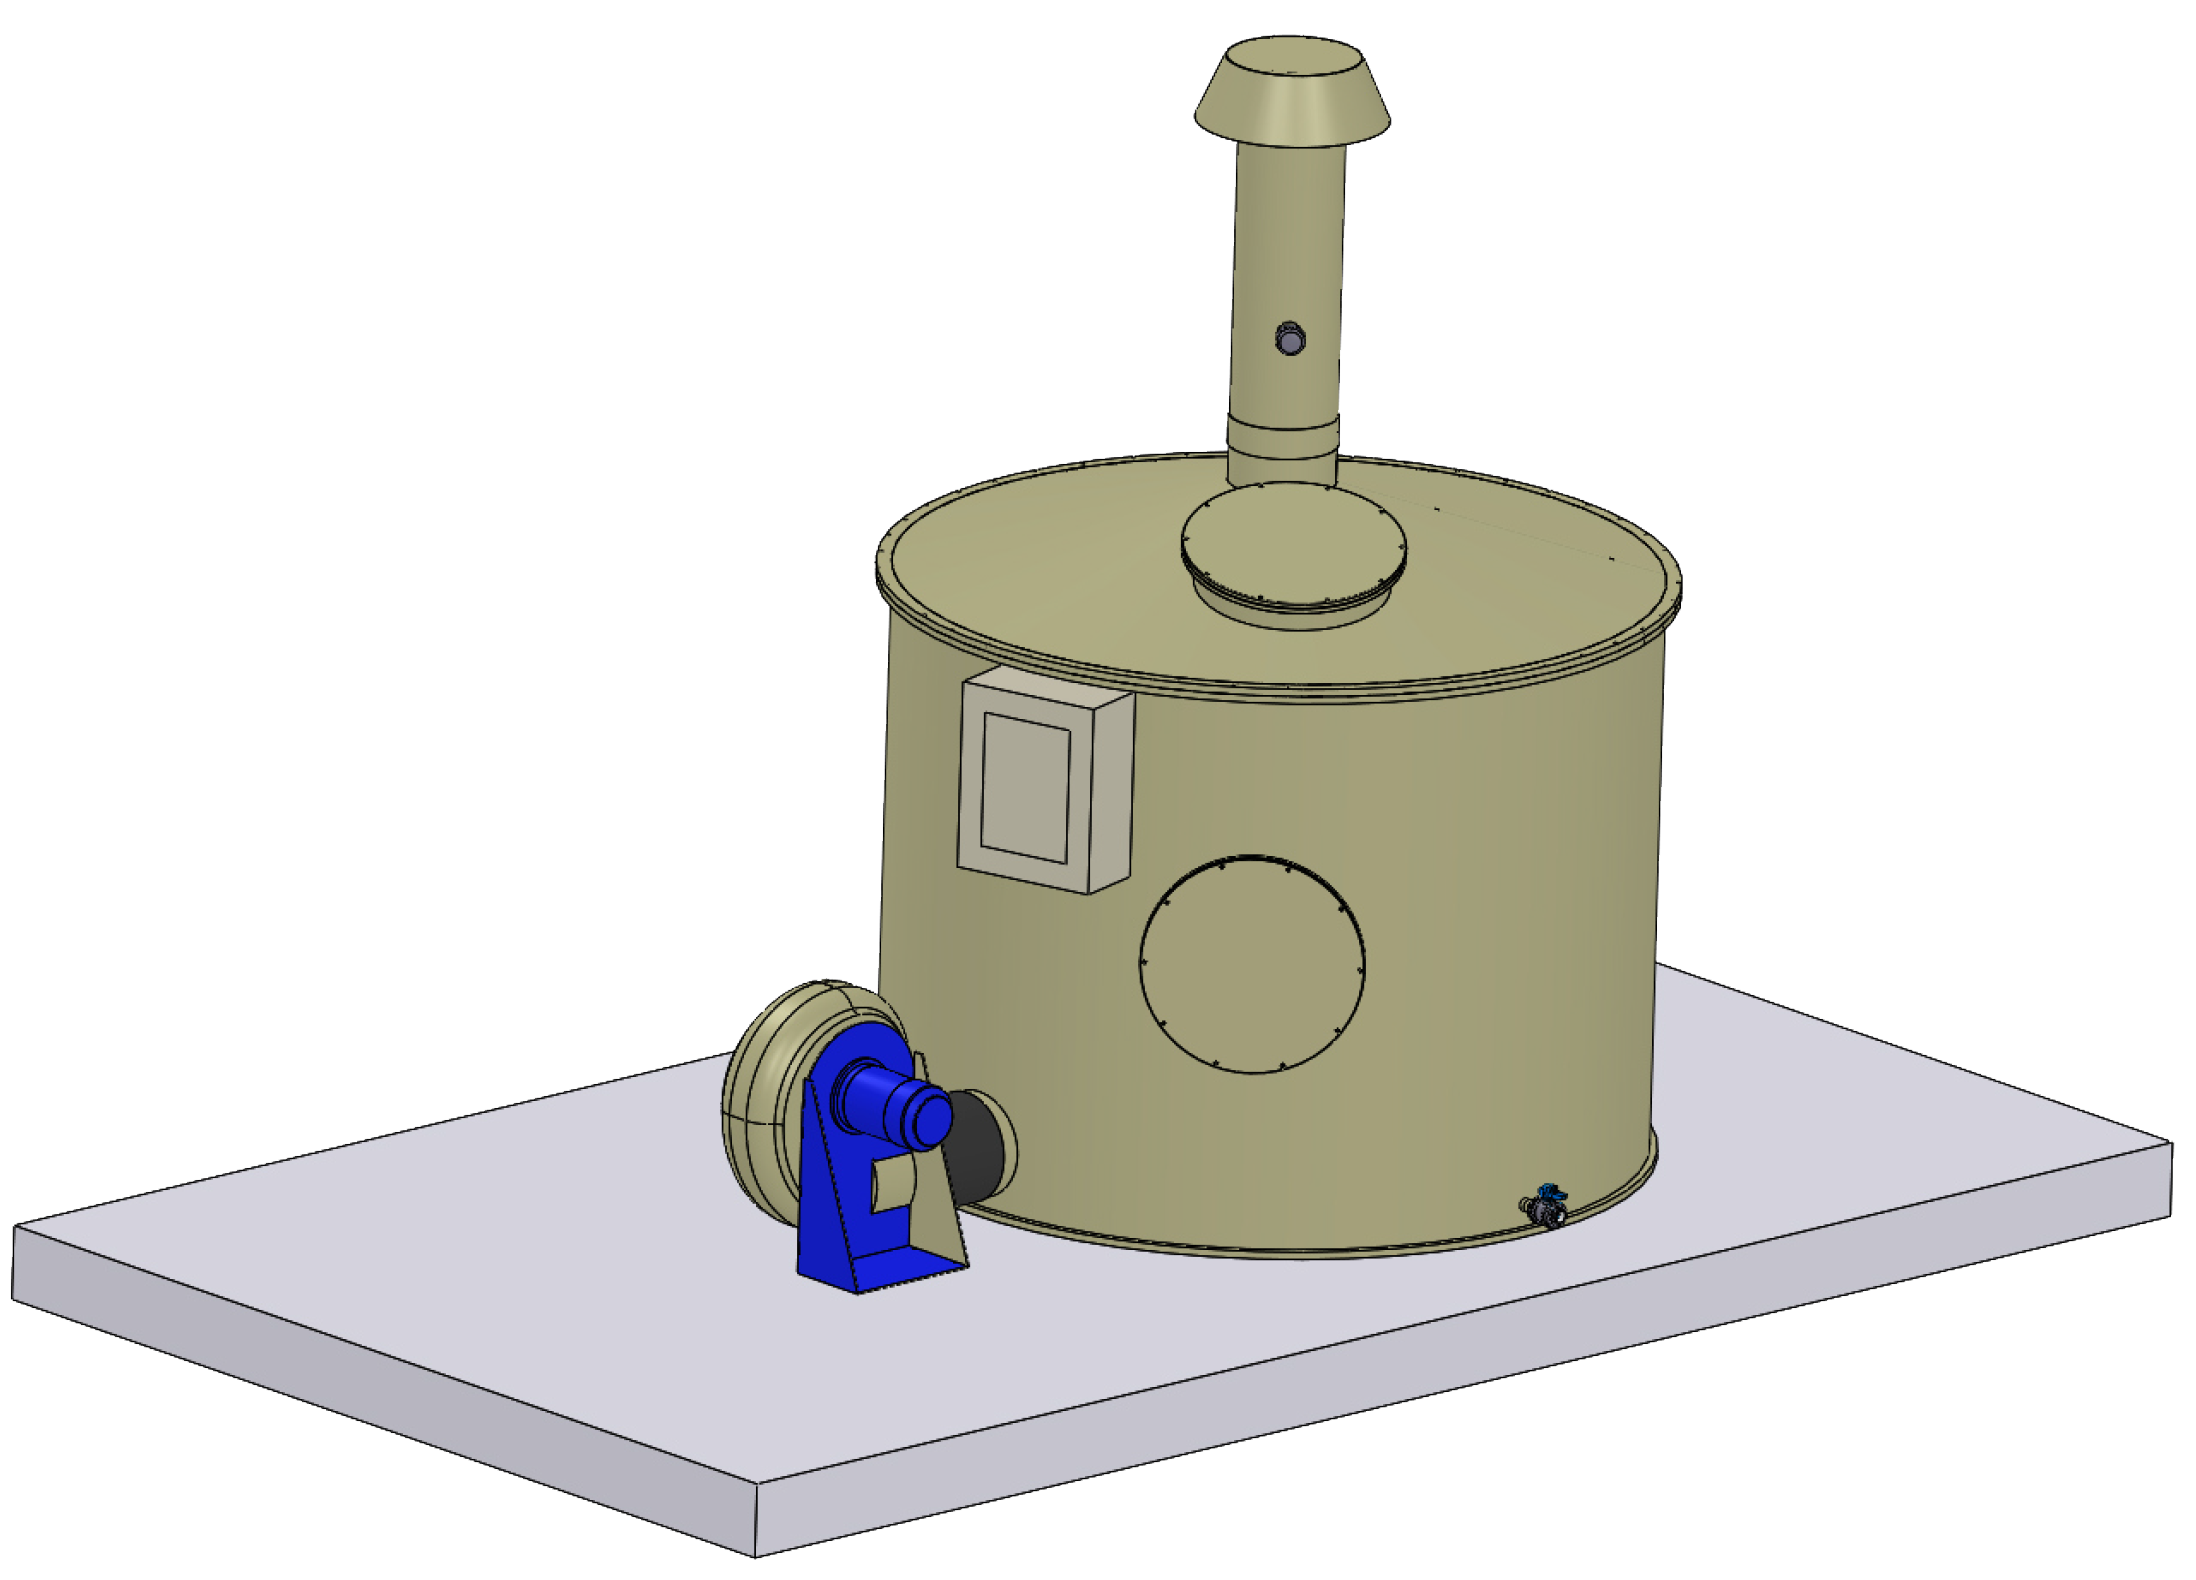 Biofiltri vasca serie BVc